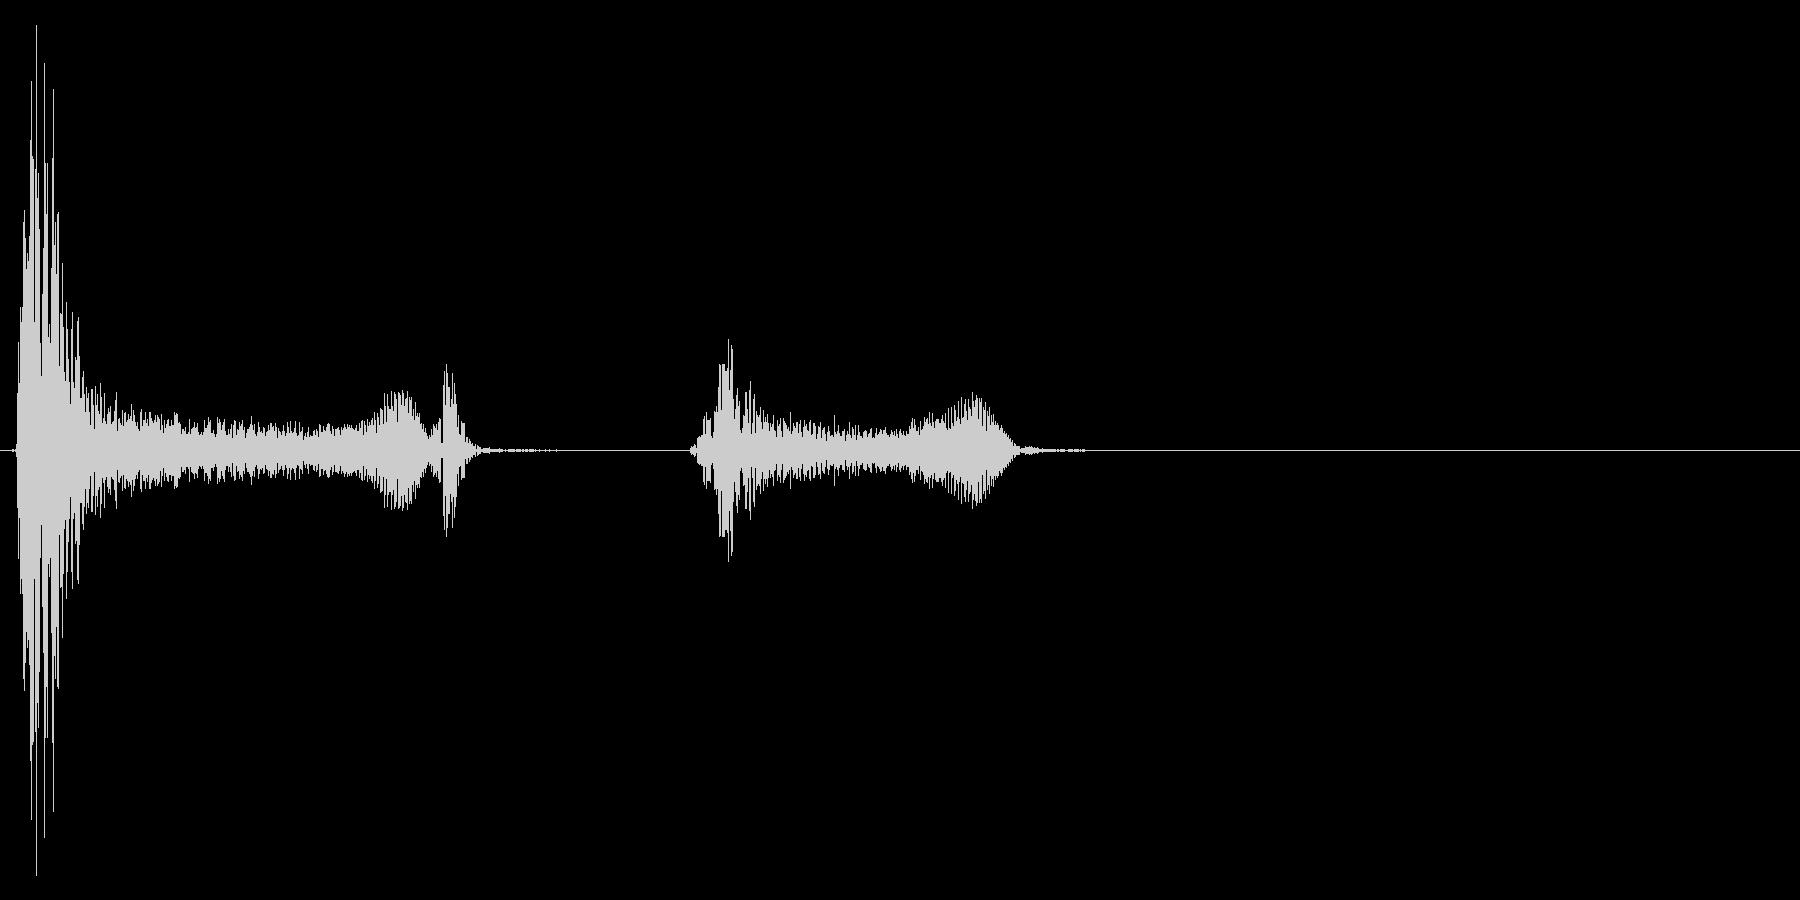 咳 ゴホッゴホッ2の未再生の波形